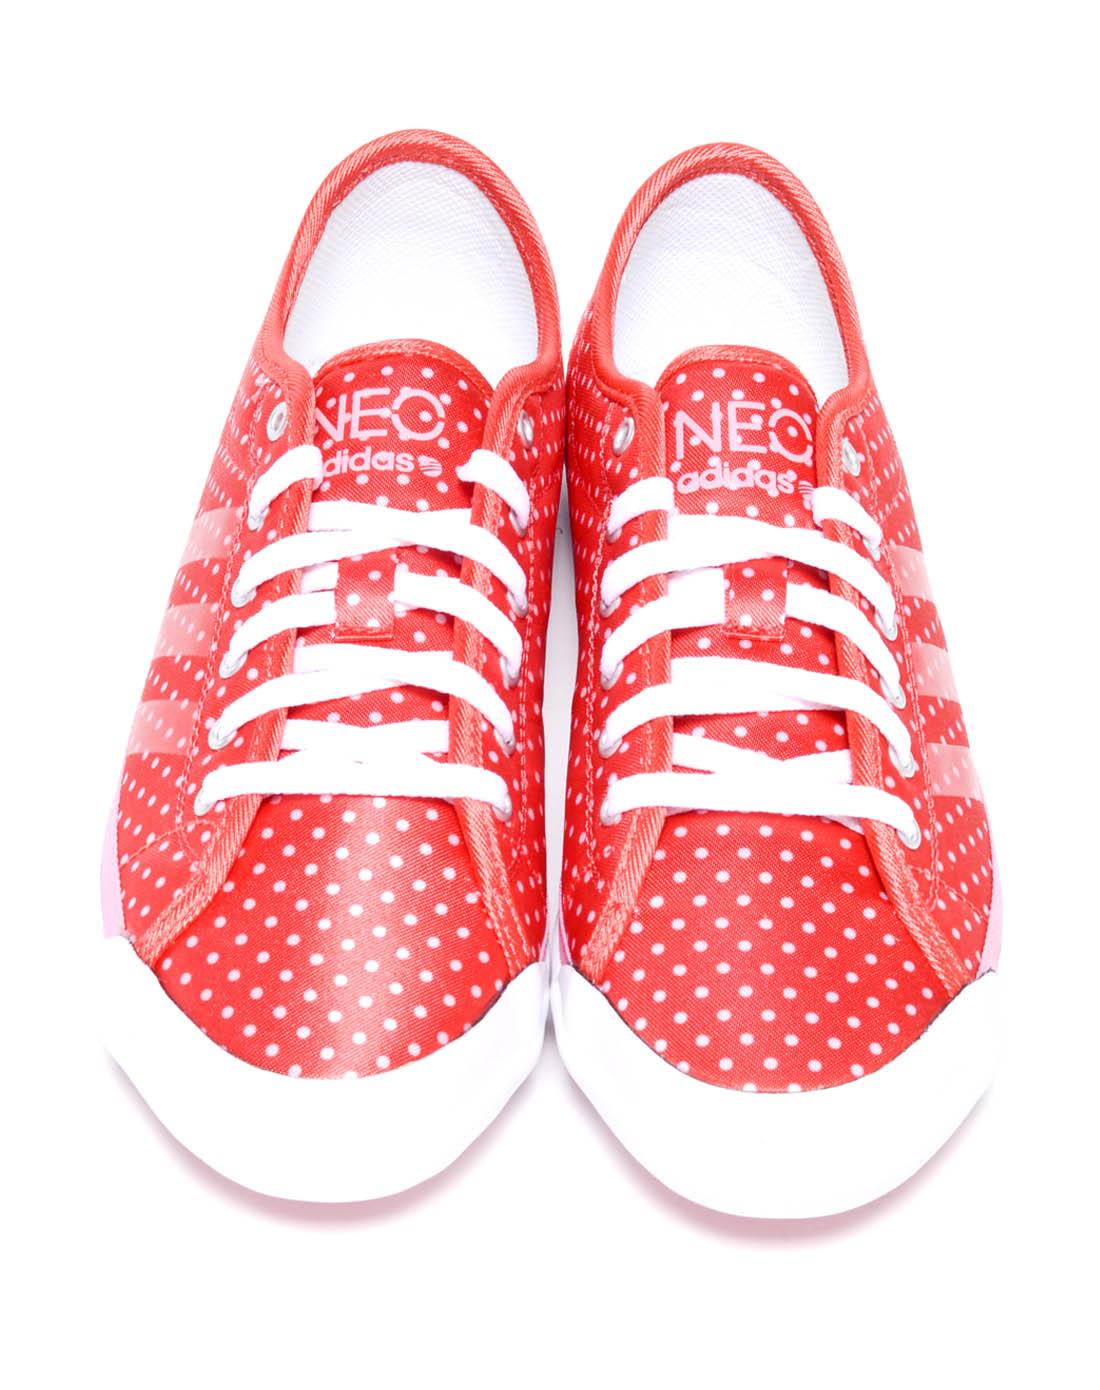 阿迪达斯adidas女子红色复古鞋G53797 唯品会 -女子红色复古鞋